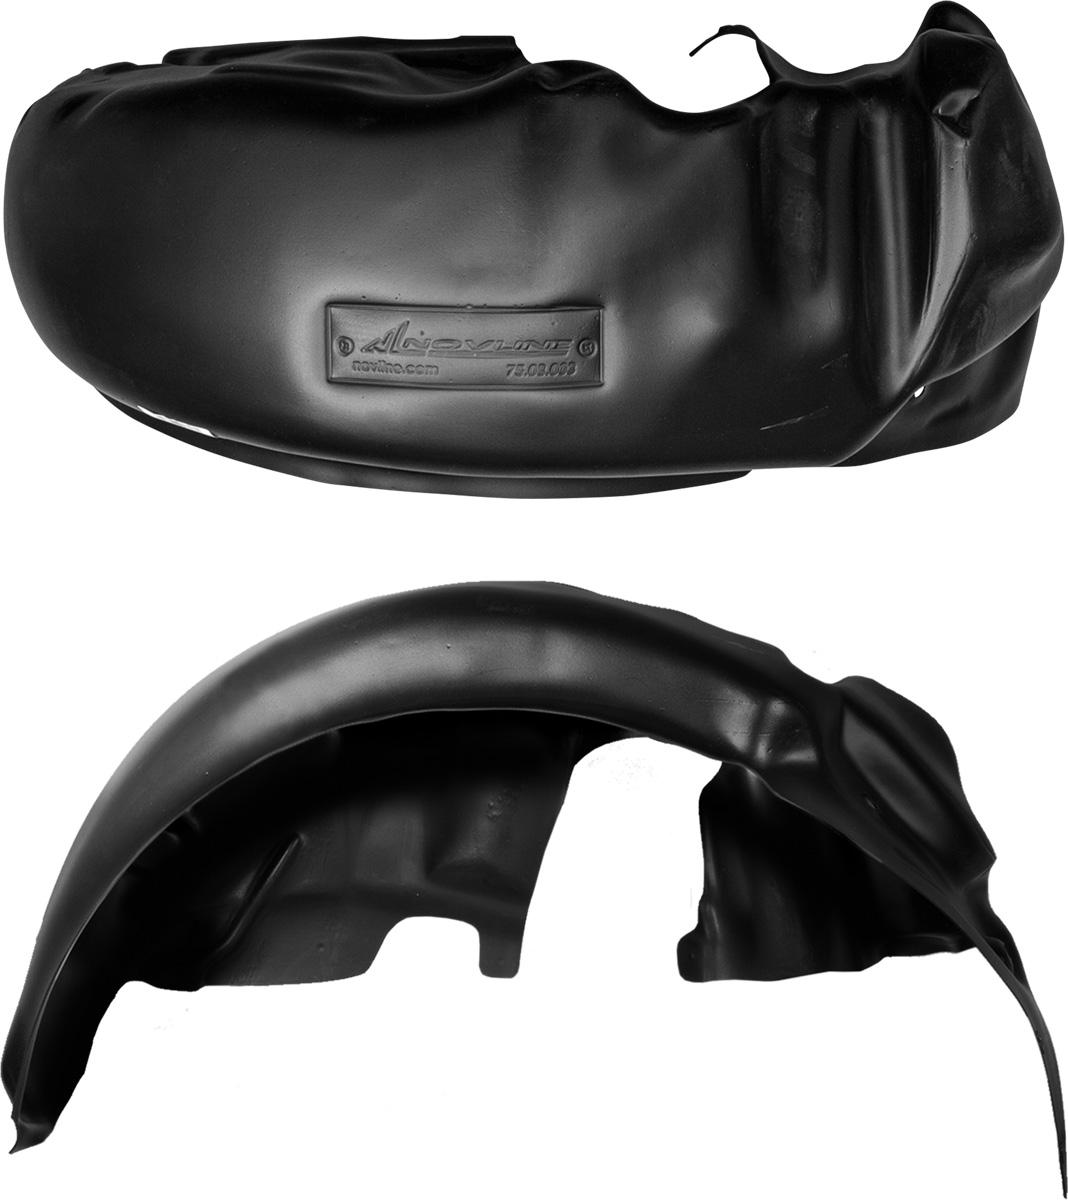 Подкрылок NISSAN Tiida, 2010-2015, задний левыйNLL.36.39.003Колесные ниши – одни из самых уязвимых зон днища вашего автомобиля. Они постоянно подвергаются воздействию со стороны дороги. Лучшая, почти абсолютная защита для них - специально отформованные пластиковые кожухи, которые называются подкрылками, или локерами. Производятся они как для отечественных моделей автомобилей, так и для иномарок. Подкрылки выполнены из высококачественного, экологически чистого пластика. Обеспечивают надежную защиту кузова автомобиля от пескоструйного эффекта и негативного влияния, агрессивных антигололедных реагентов. Пластик обладает более низкой теплопроводностью, чем металл, поэтому в зимний период эксплуатации использование пластиковых подкрылков позволяет лучше защитить колесные ниши от налипания снега и образования наледи. Оригинальность конструкции подчеркивает элегантность автомобиля, бережно защищает нанесенное на днище кузова антикоррозийное покрытие и позволяет осуществить крепление подкрылков внутри колесной арки практически без дополнительного...